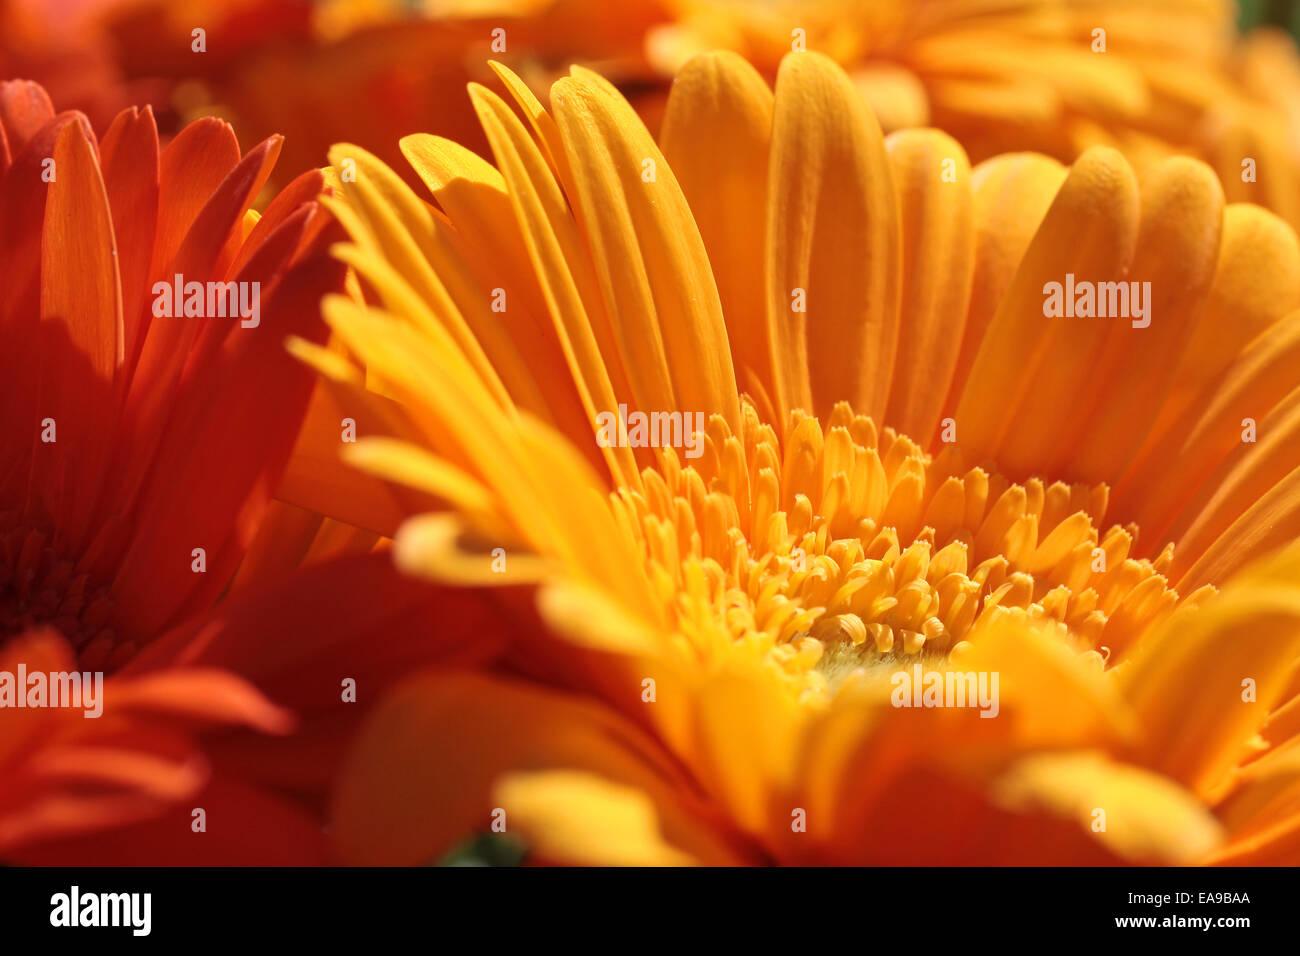 Nahaufnahme von mehreren orange Gerbera Blumen Stockbild